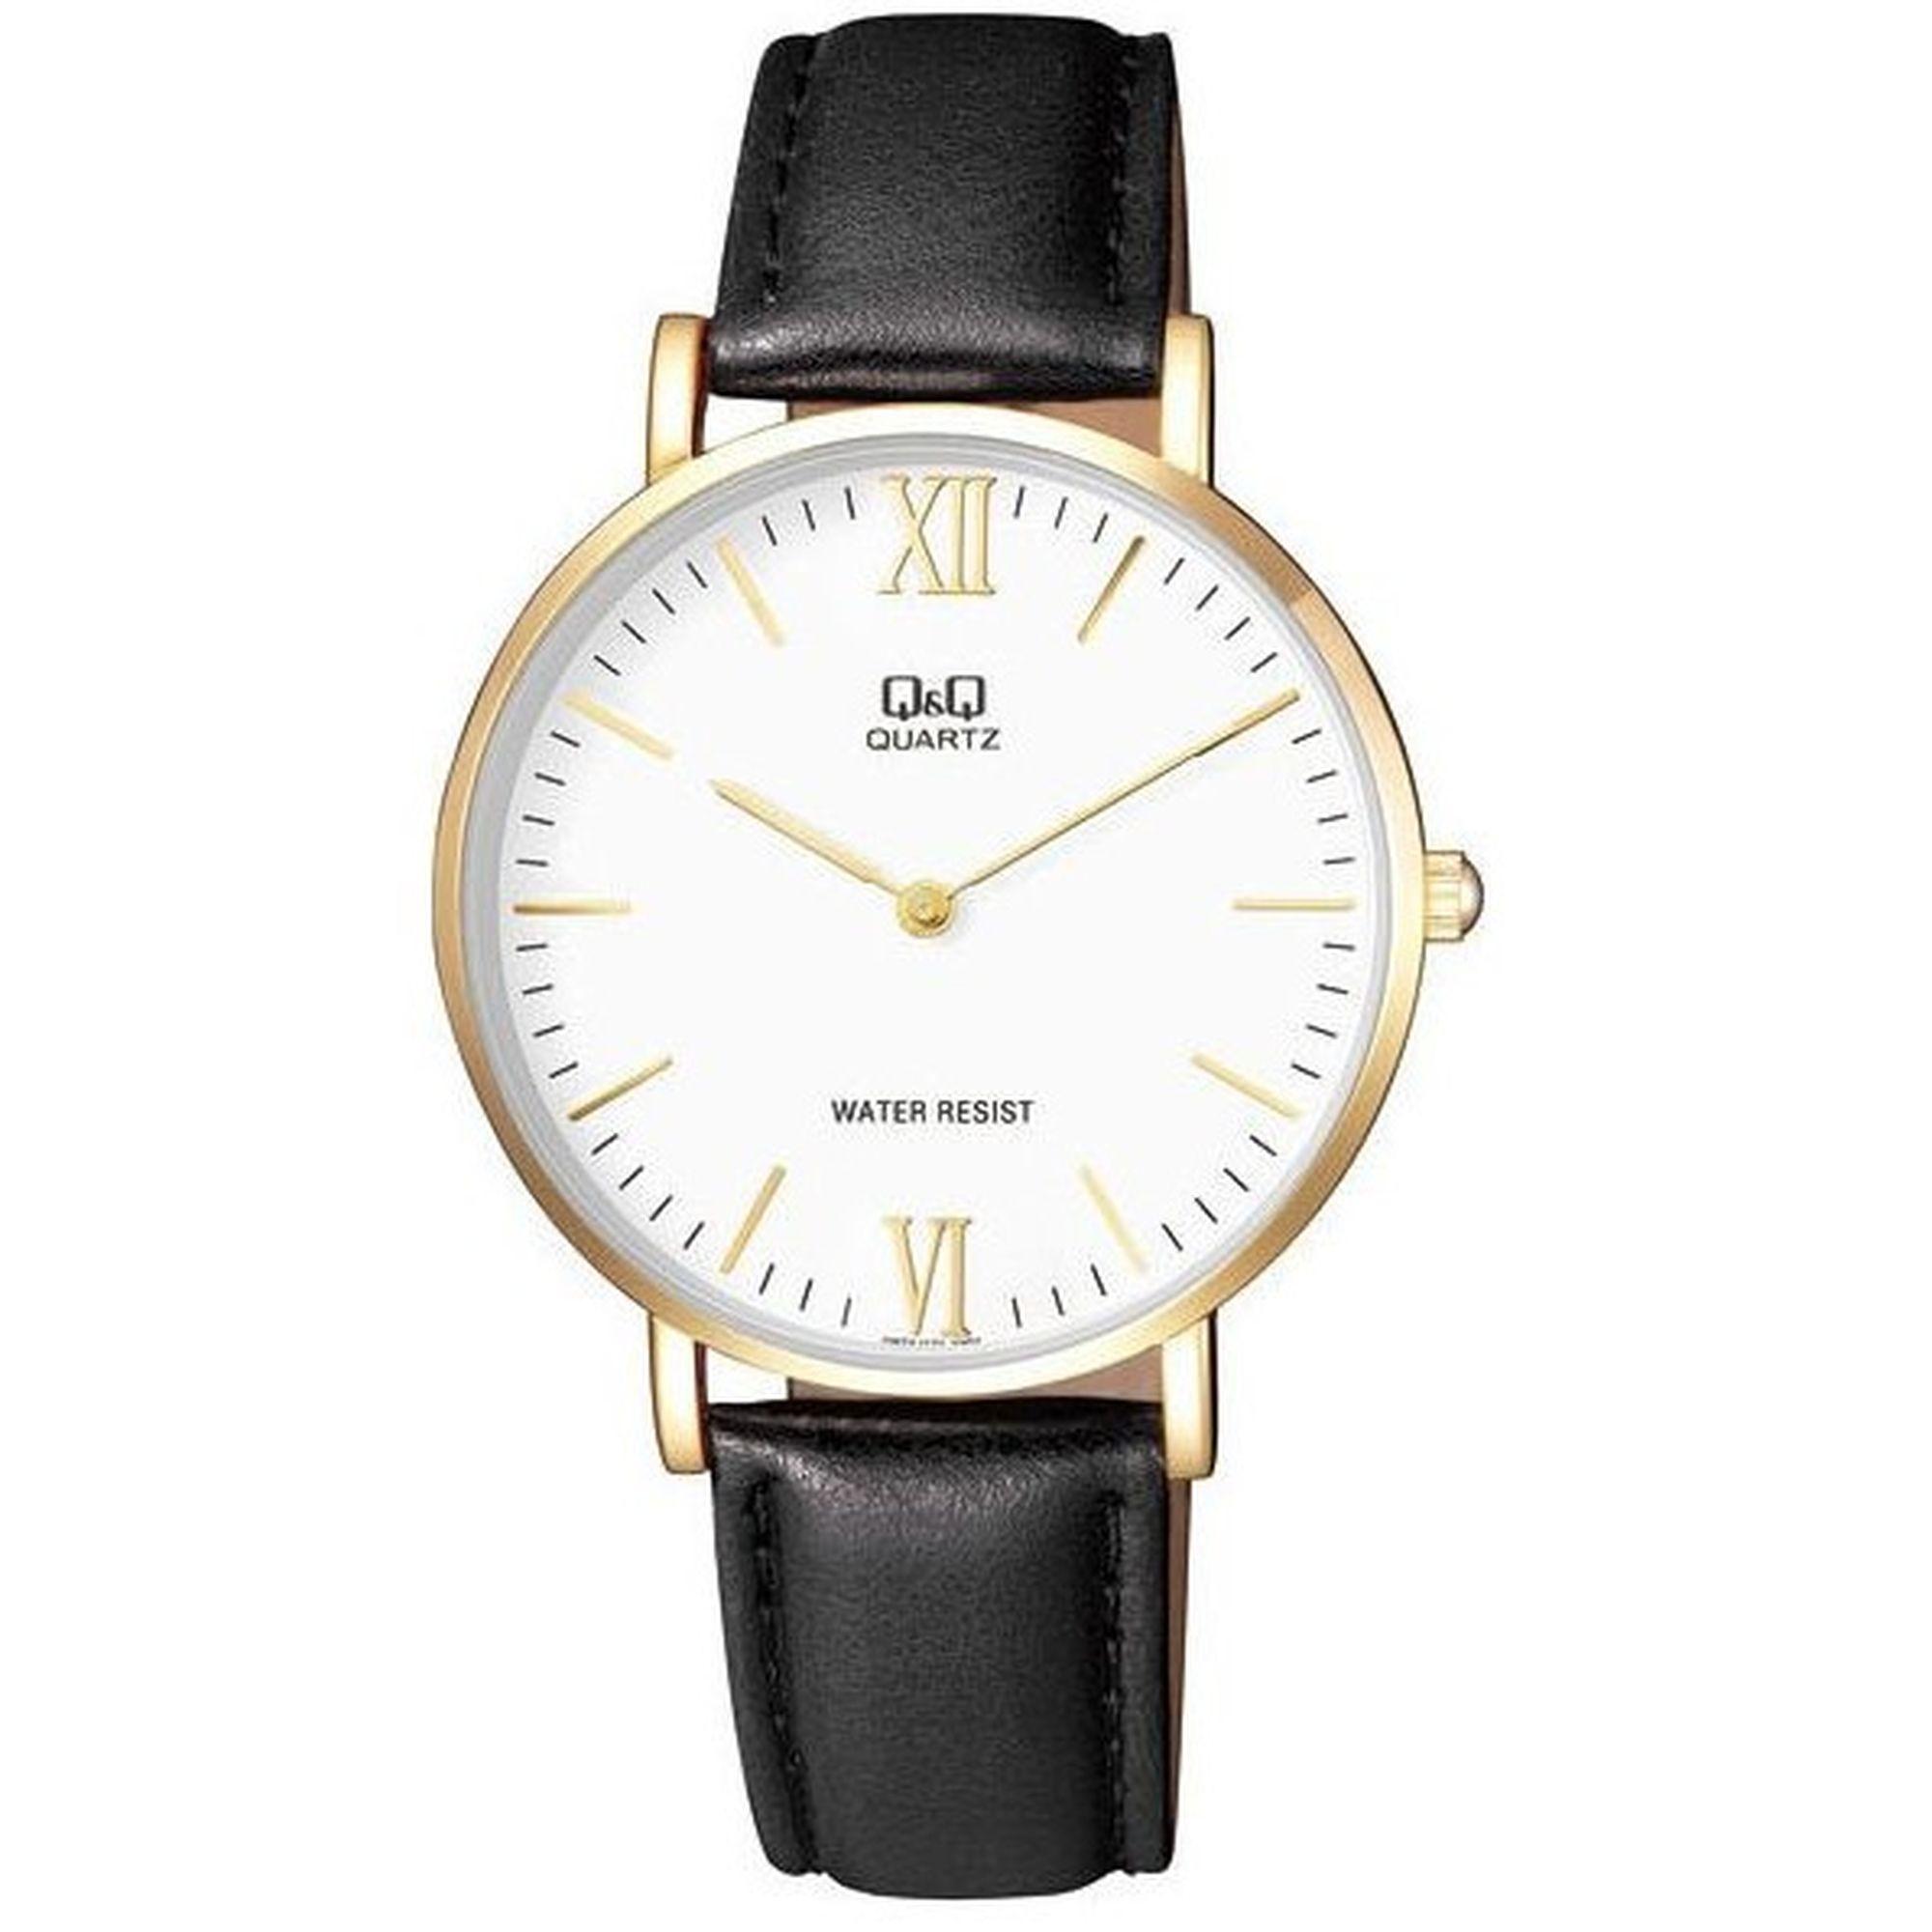 Ρολόγια, ρολόι, ανδρικό ρολόι, δώρα,Ρολόι Q&Q με Μαύρο Λουράκι και Λευκό Καντράν Q974J121